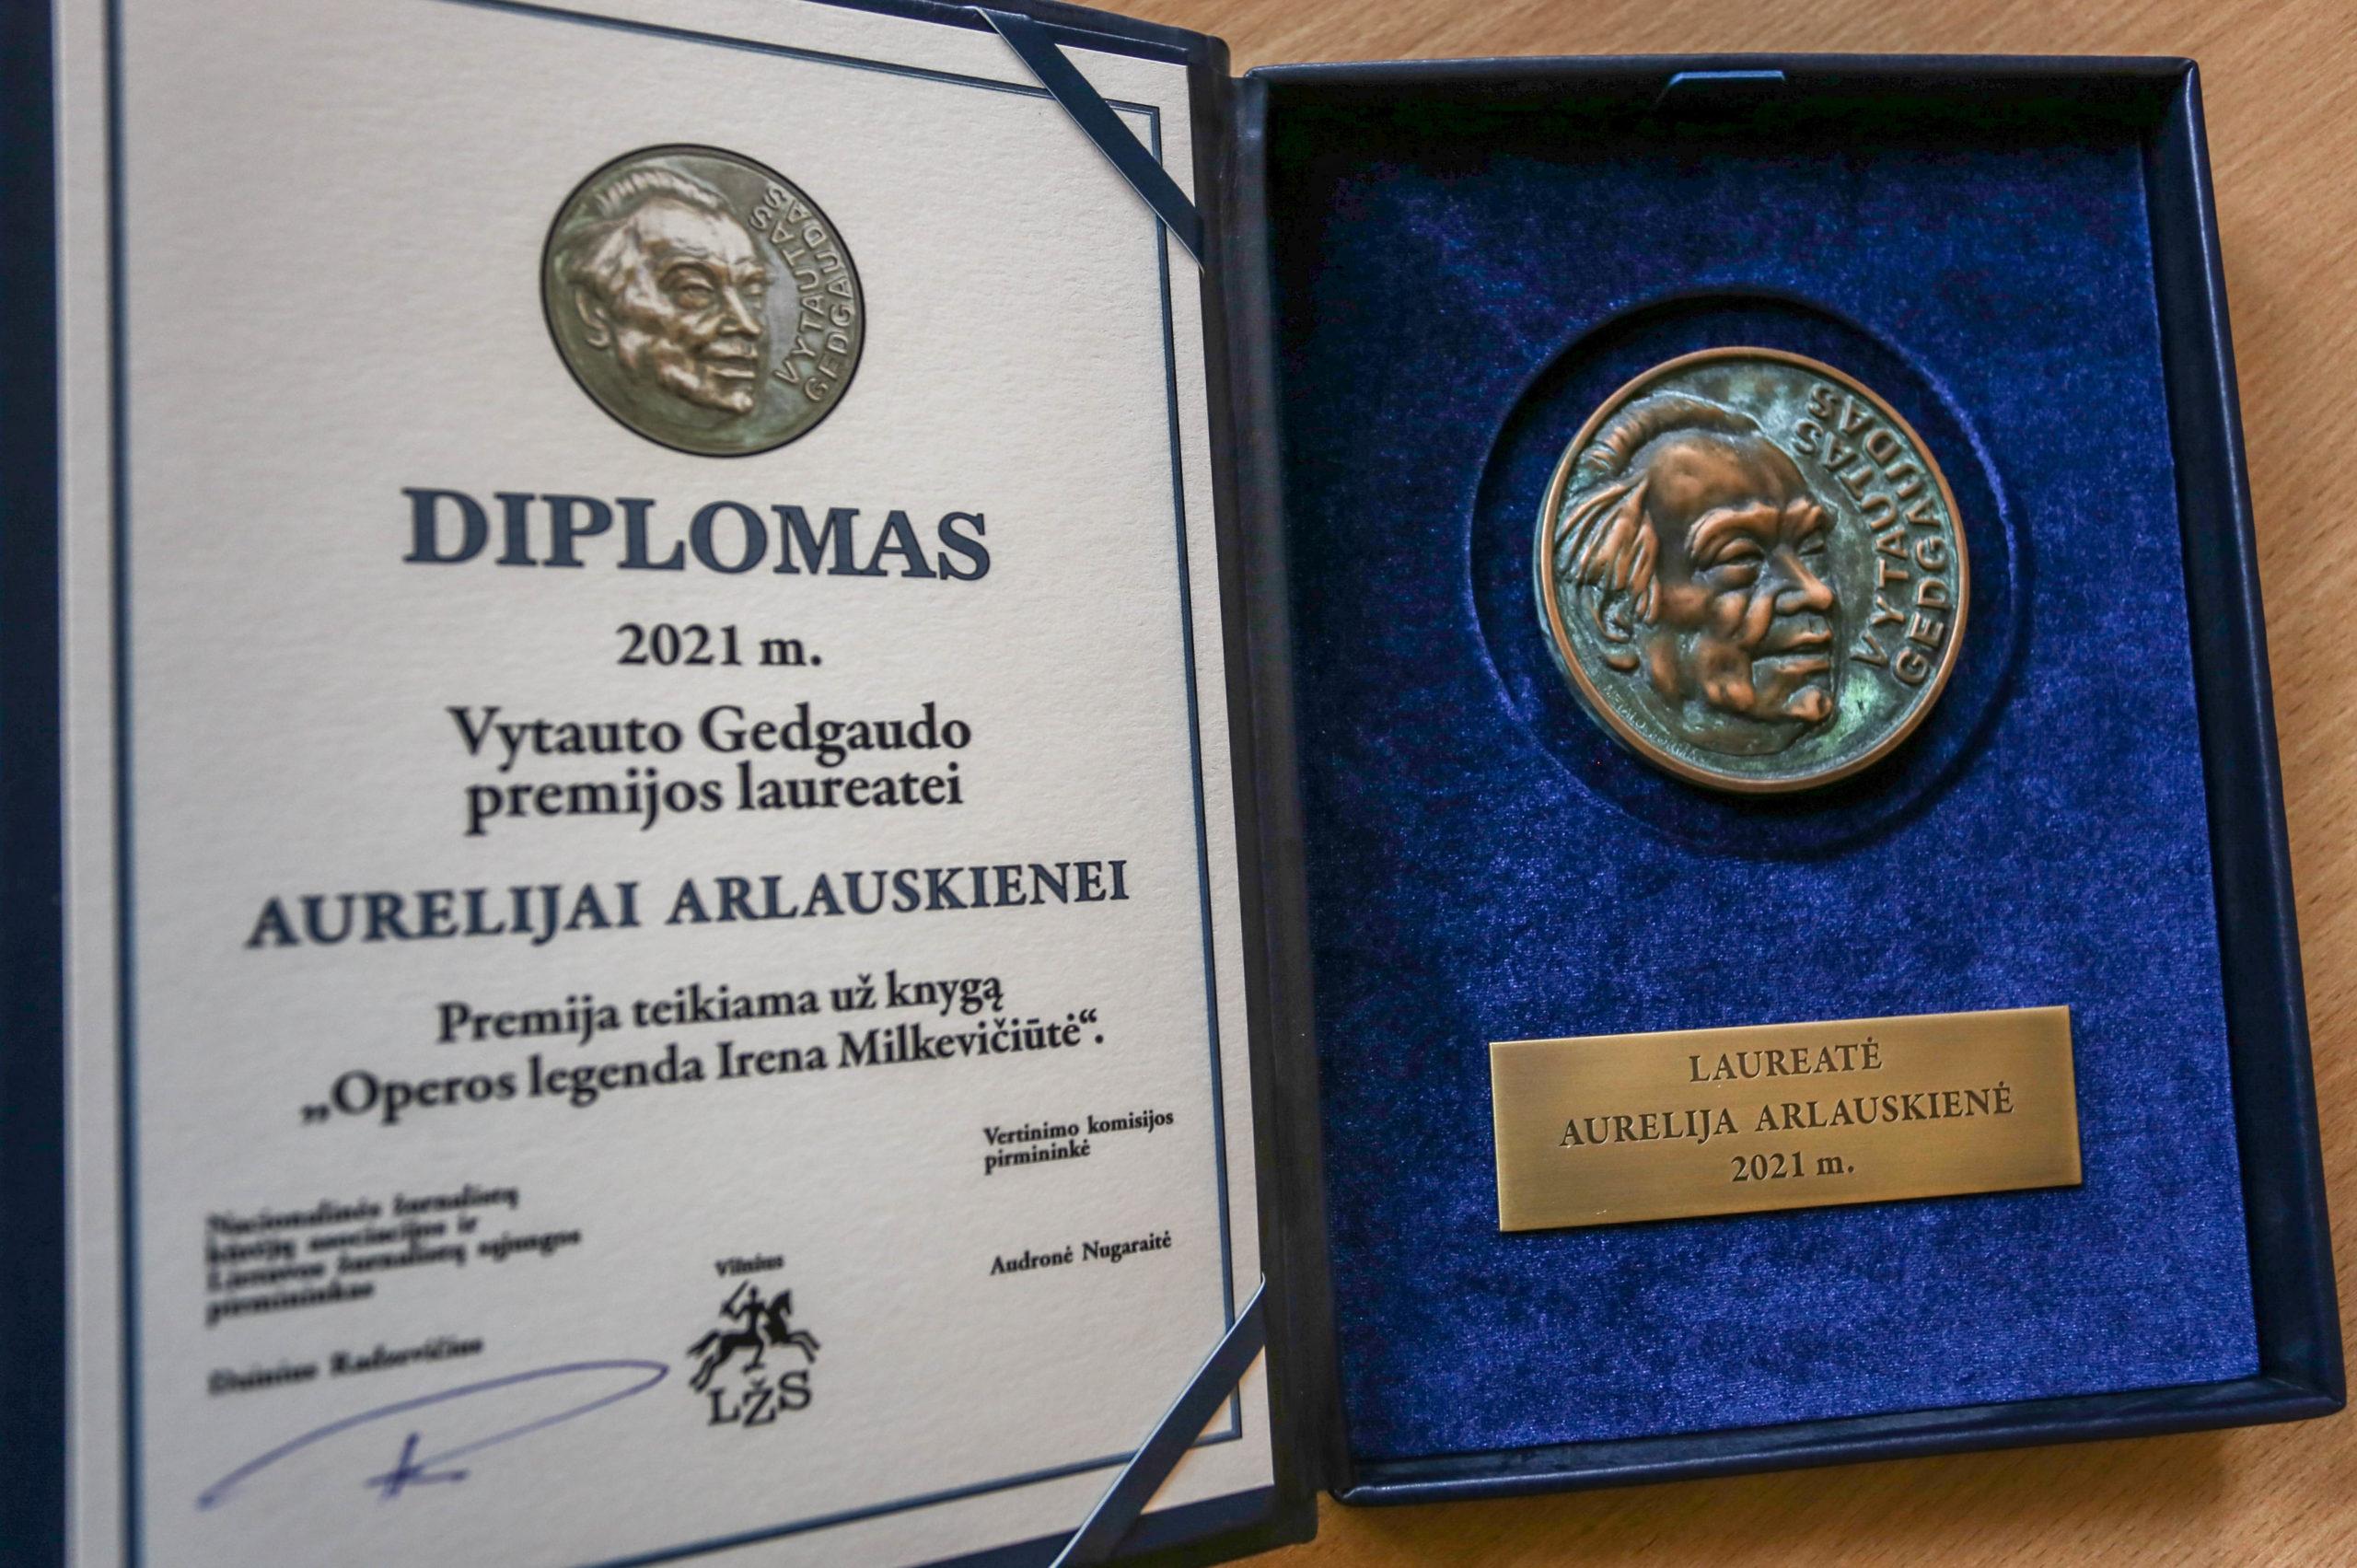 Vytauto Gedgaudo apdovanojimo diplomas ir medalis skirtas Aurelijai Arlauskienei   Alkas.lt, A. Sartanavičiaus nuotr.